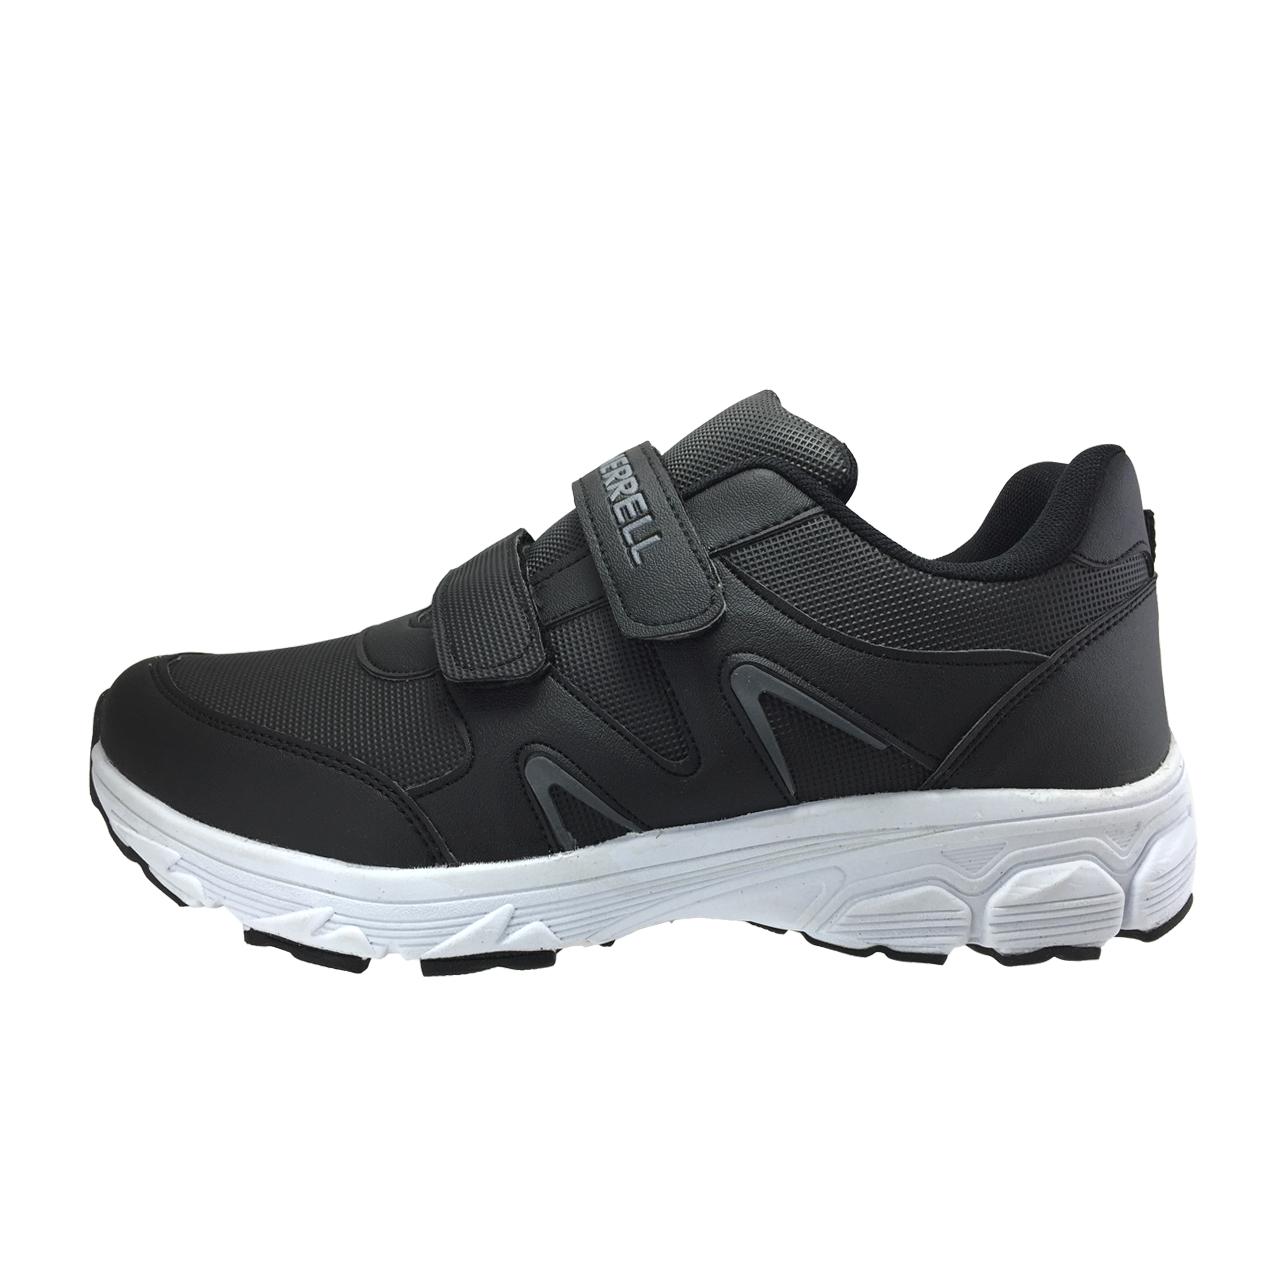 کفش مخصوص پیاده روی زنانه مدل B192 رنگ مشکی